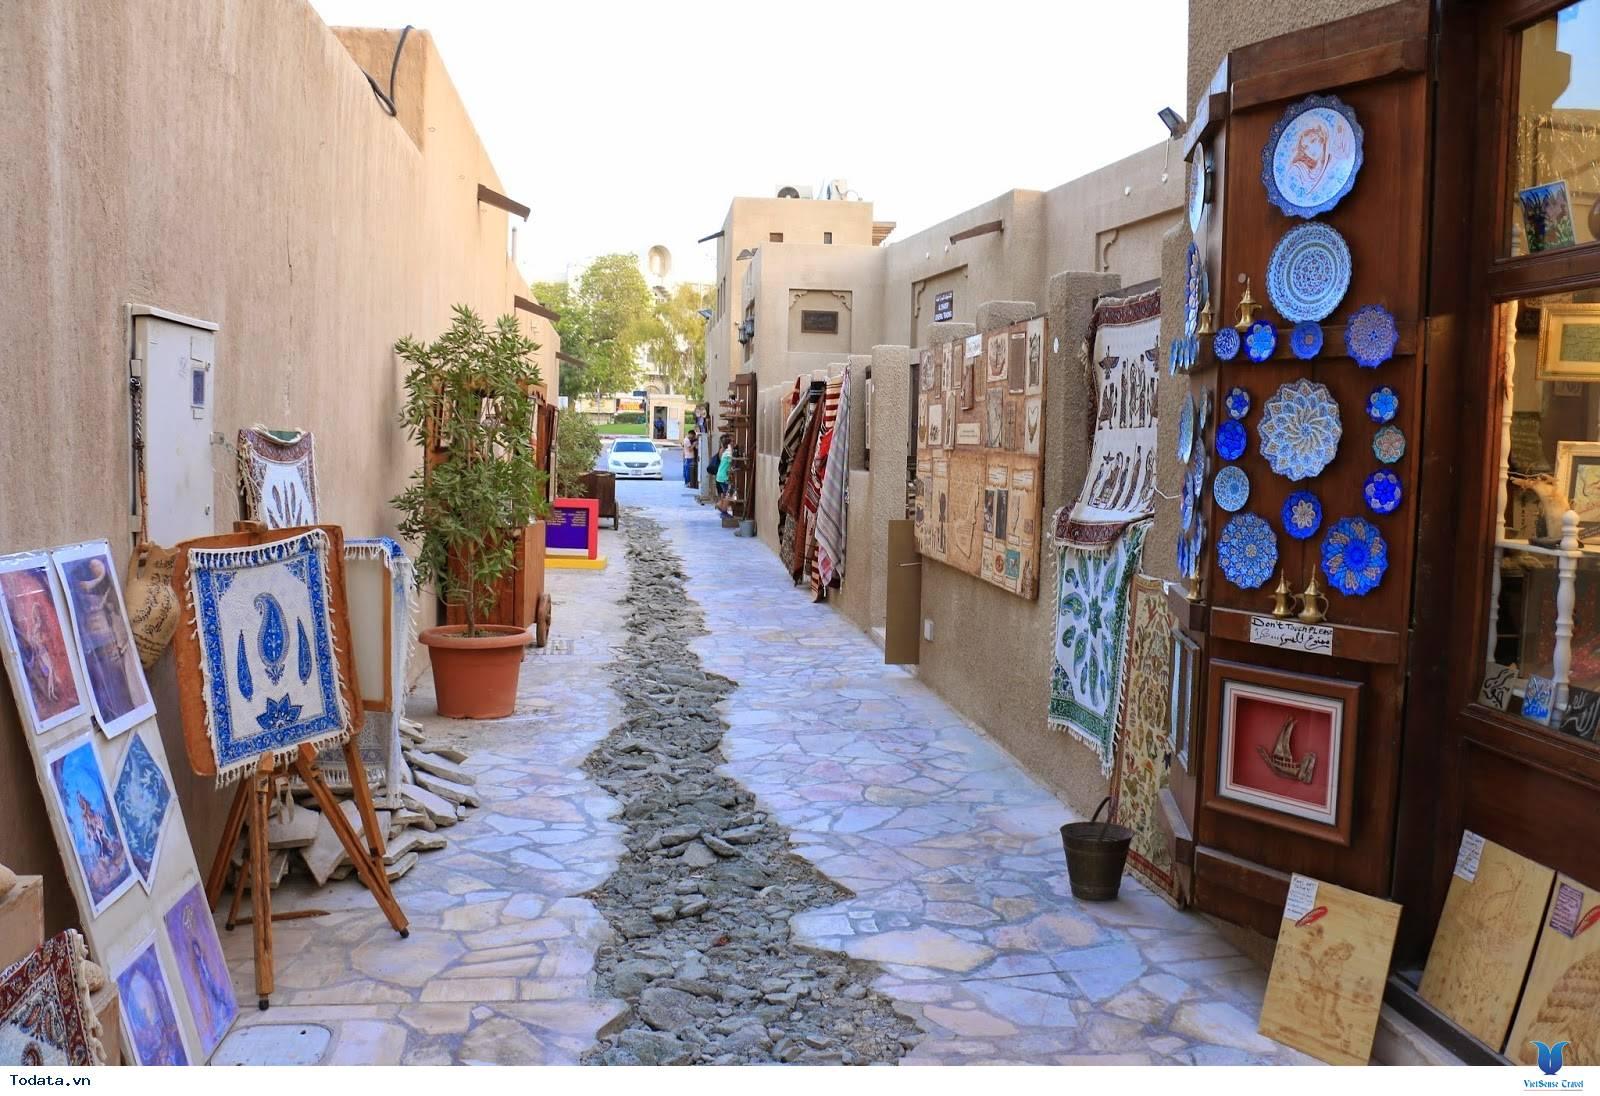 Tìm lại Dubai Cổ Kính Qua Góc Phố Cổ Al Bastakiya - Ảnh 2